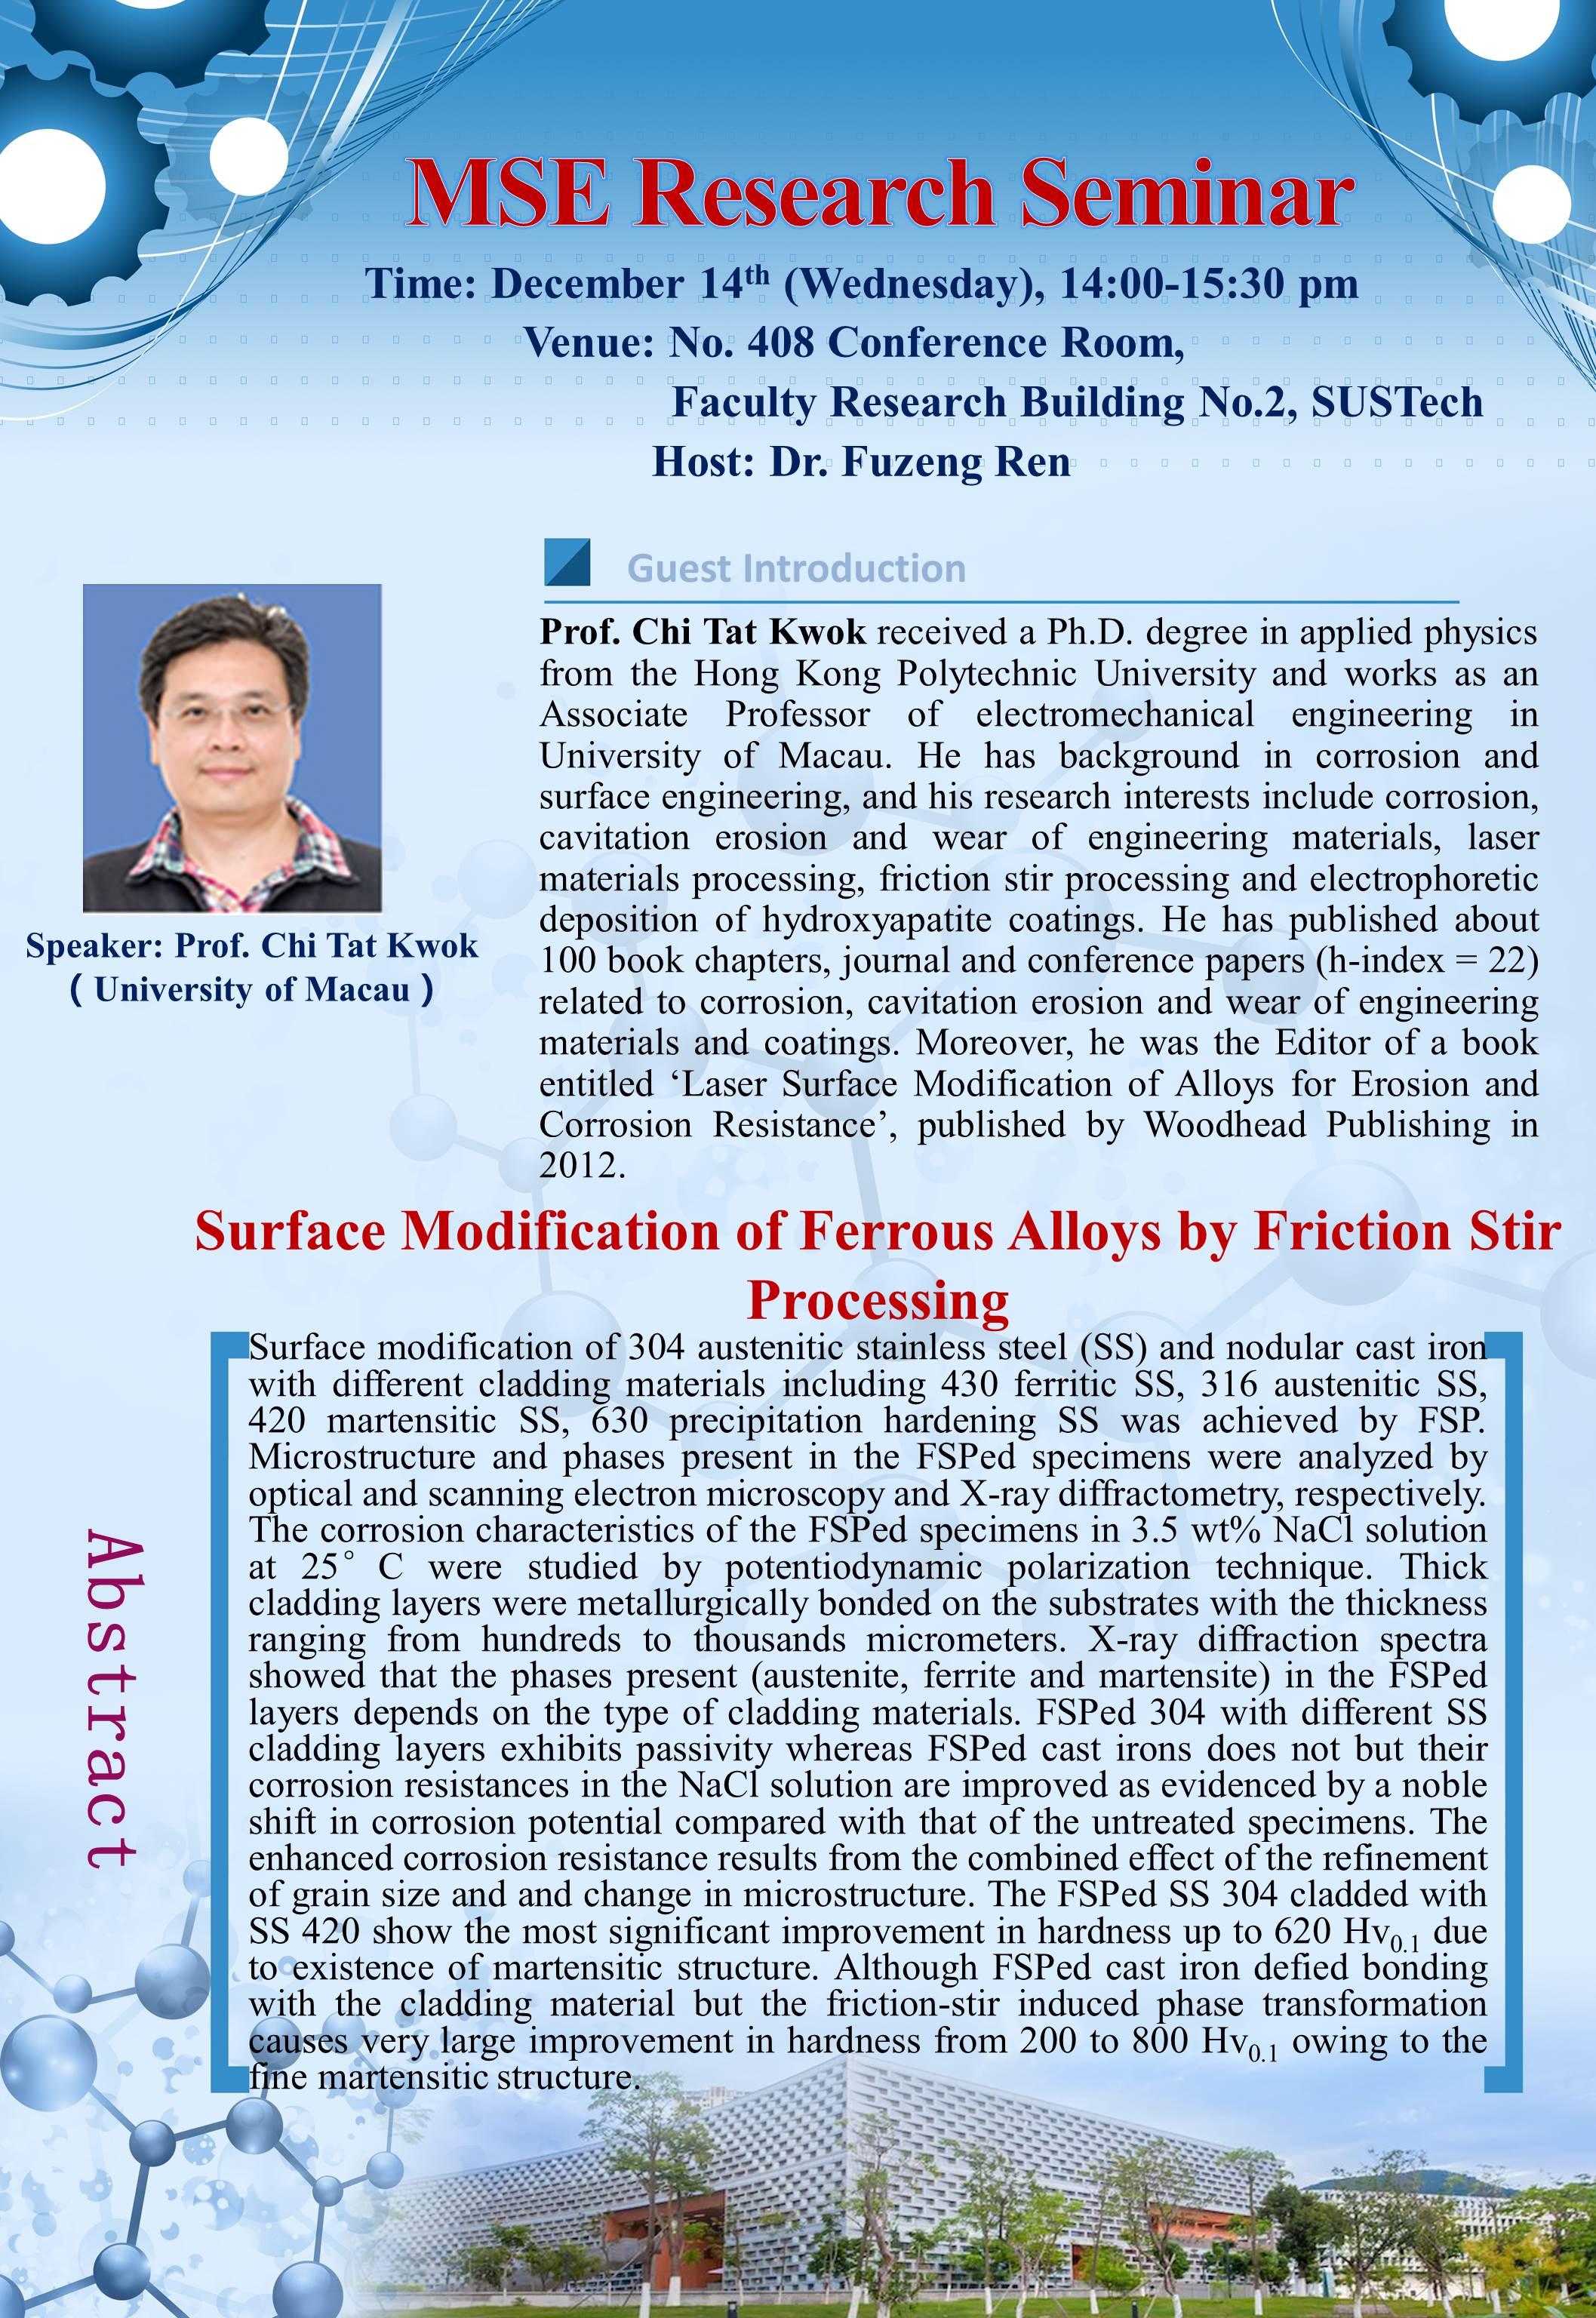 2016年12月14日材料系学术报告---Prof. Chi Tat Kwok.jpg